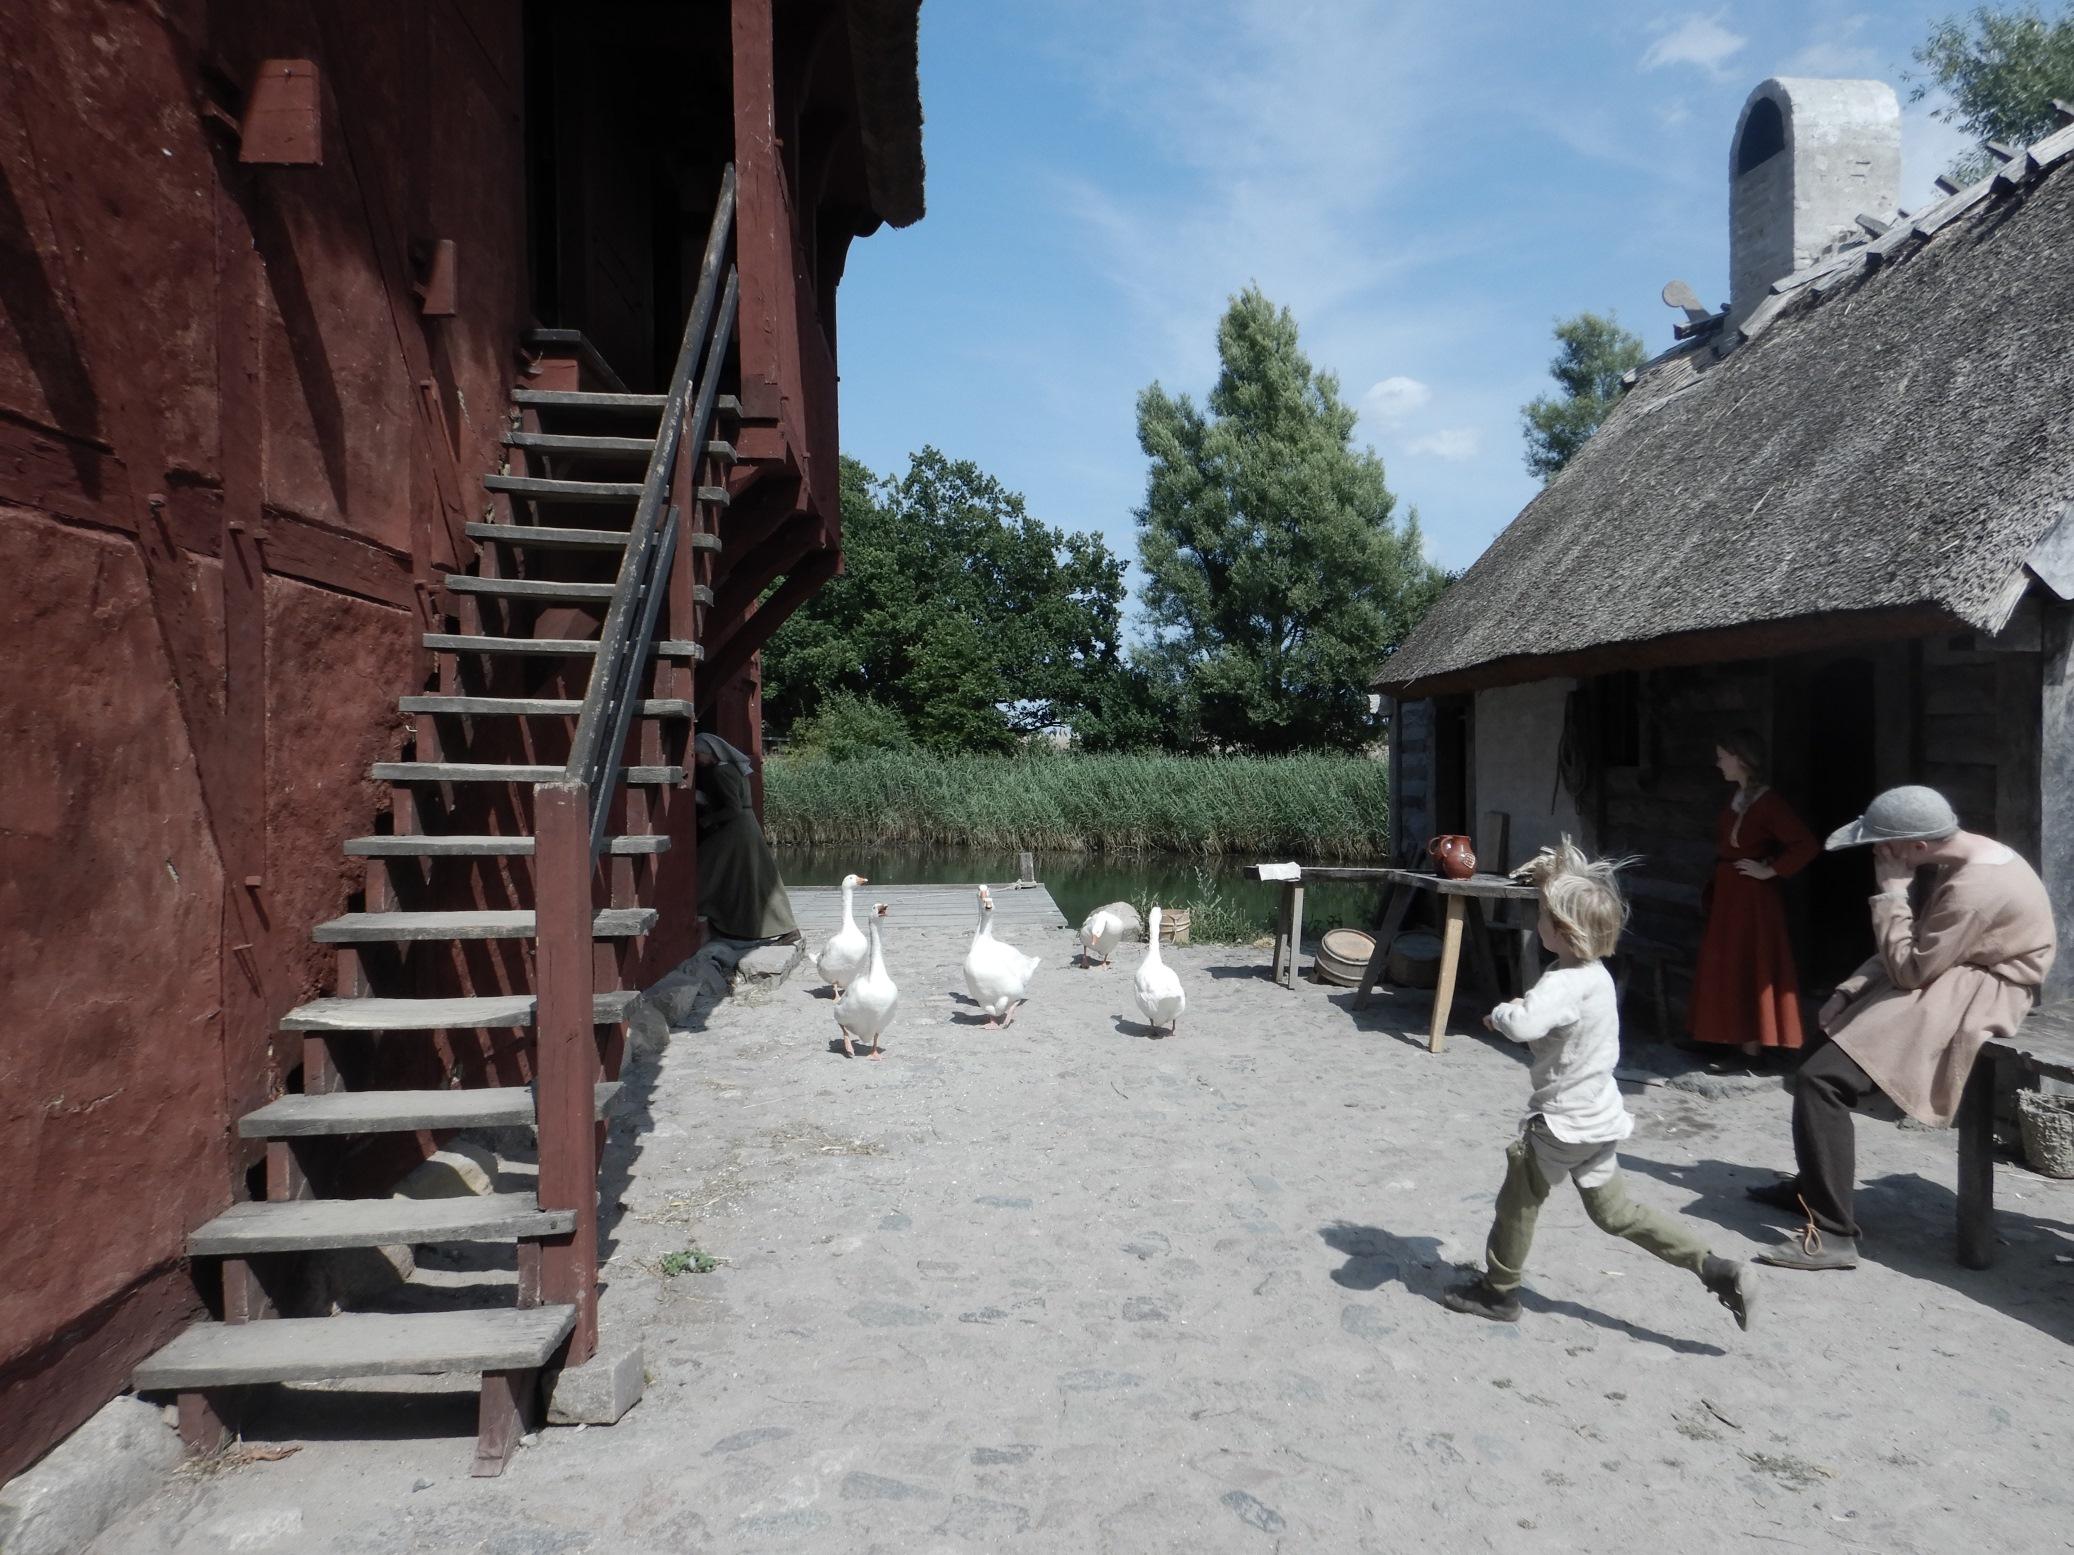 Danske Smørhuller – Insidertipps für Dänemark #52 Middelaldercentret